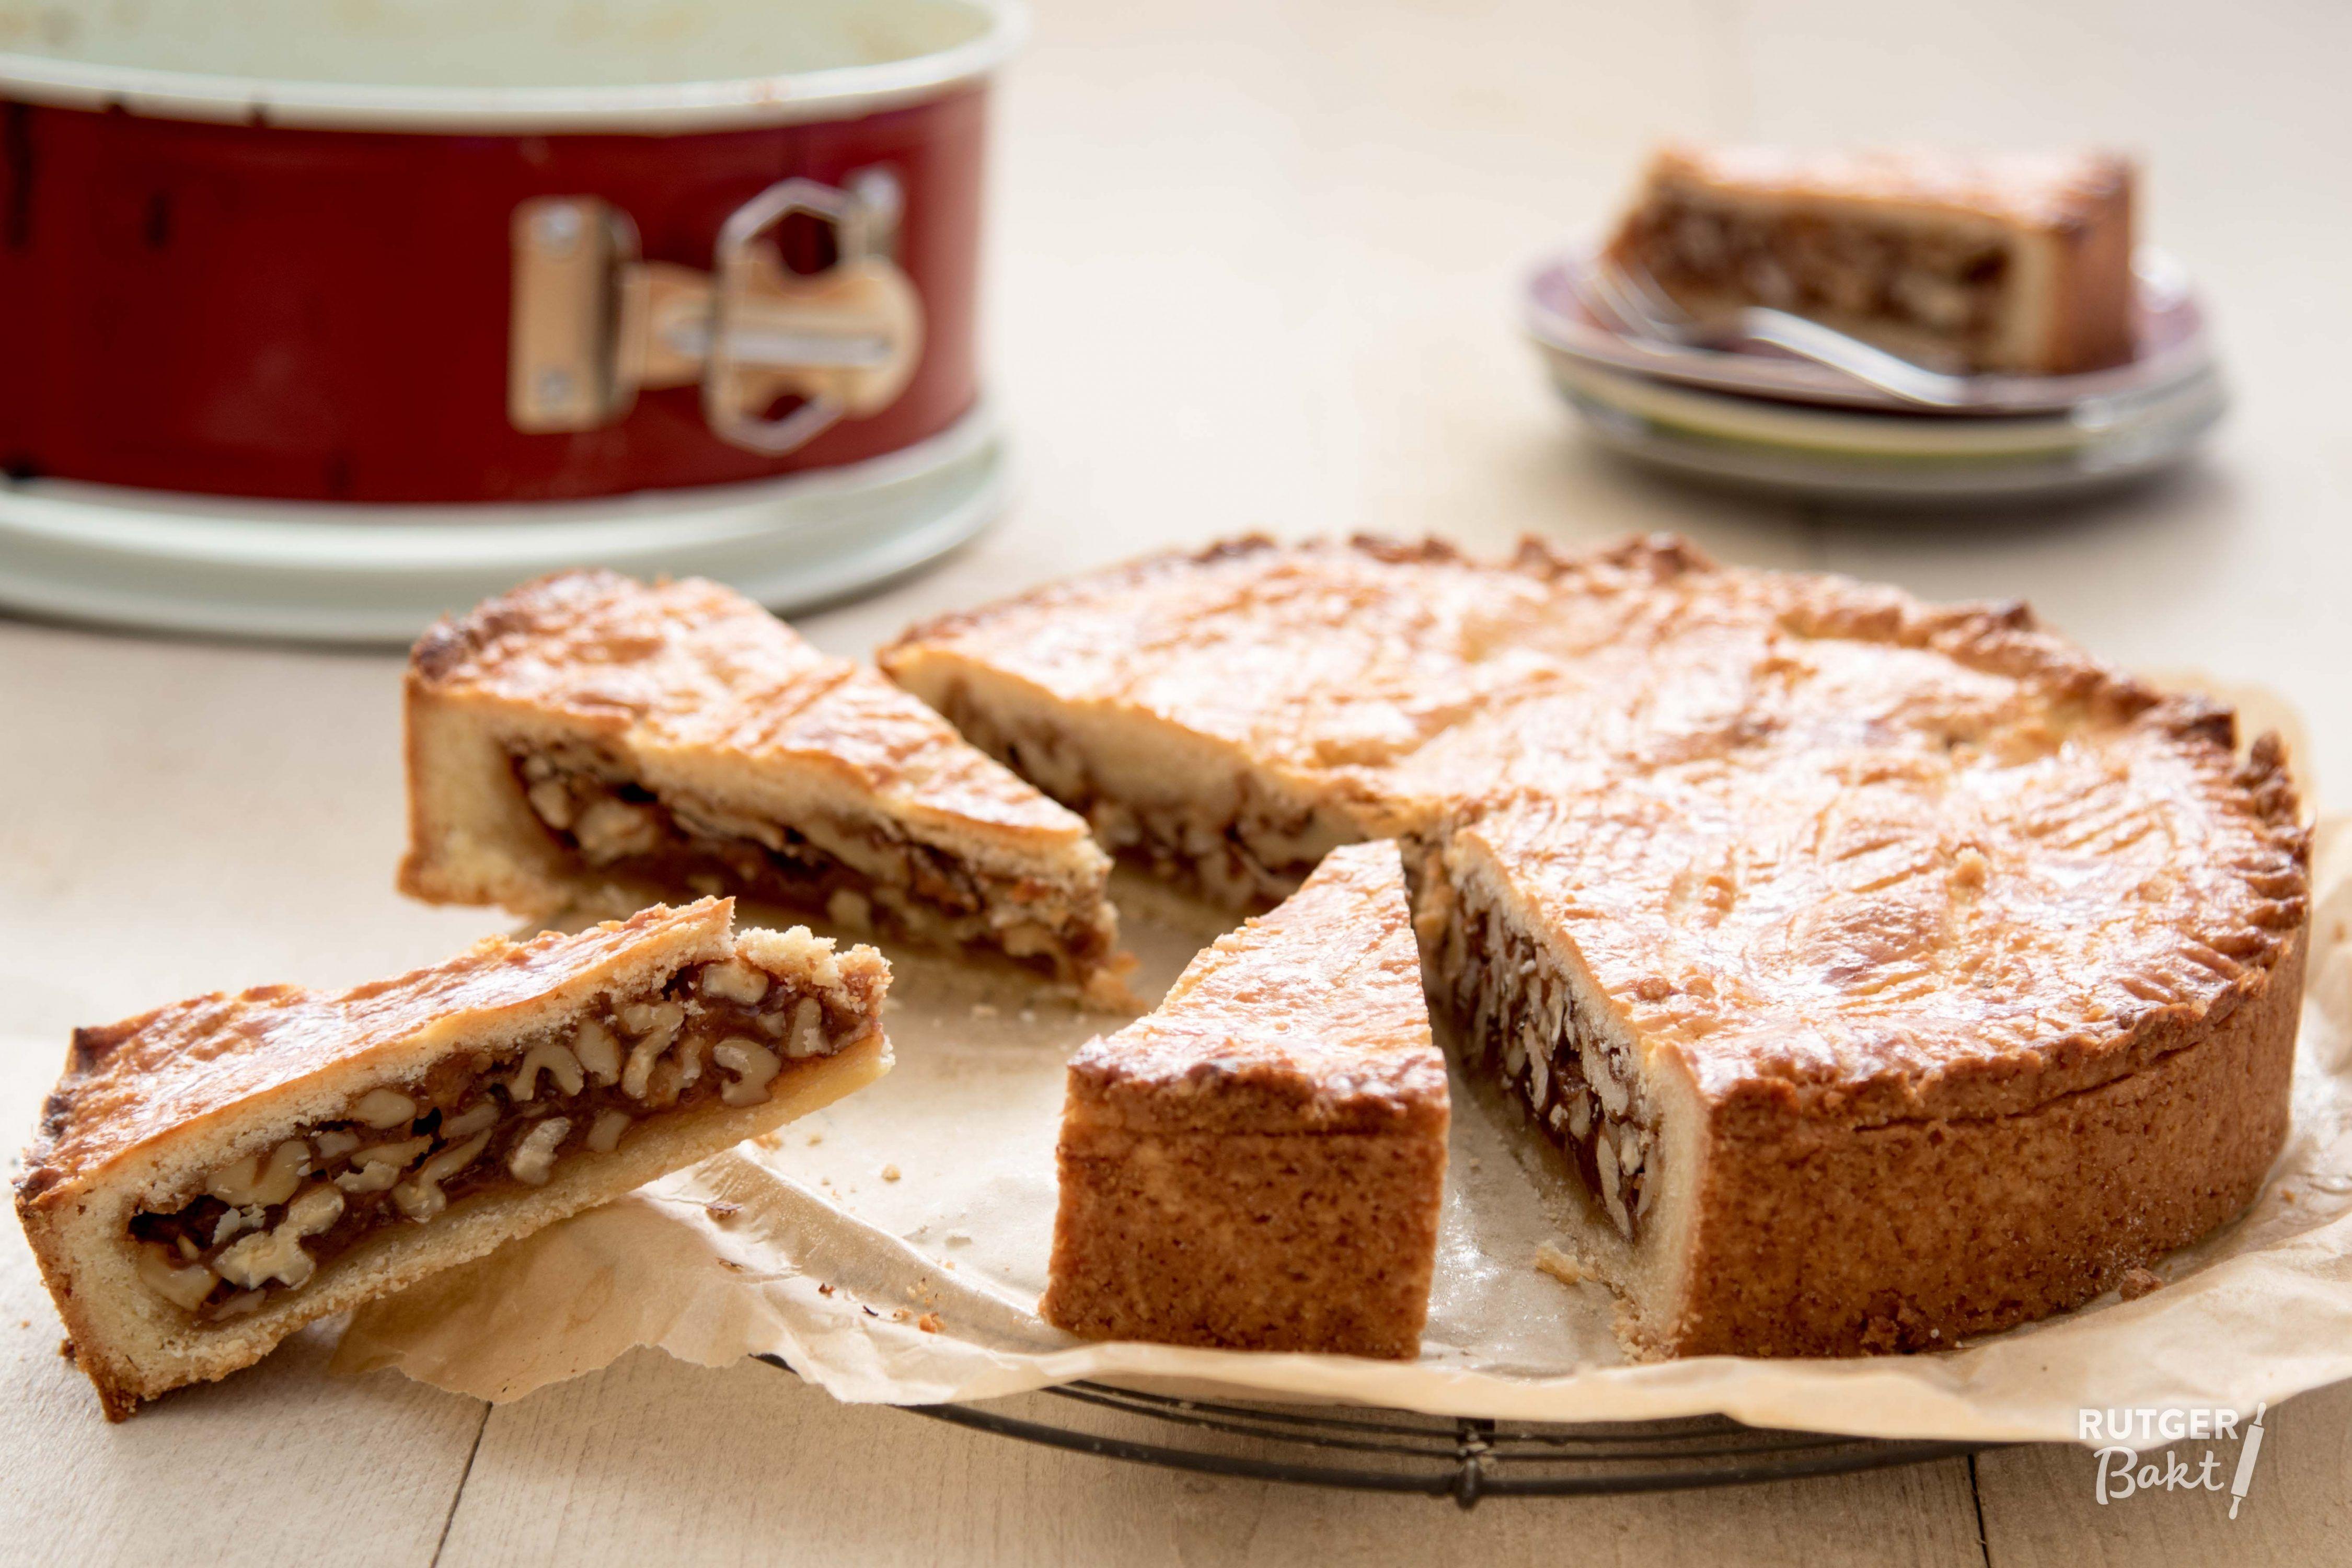 Deze Zwitserse walnotentaart is een feestje om te eten! De romige karamelvulling vormt een mooi contrast met het deeg. Het voordeel van de Engadiner nusstorte is dat hij behoorlijk lang houdbaar is, p